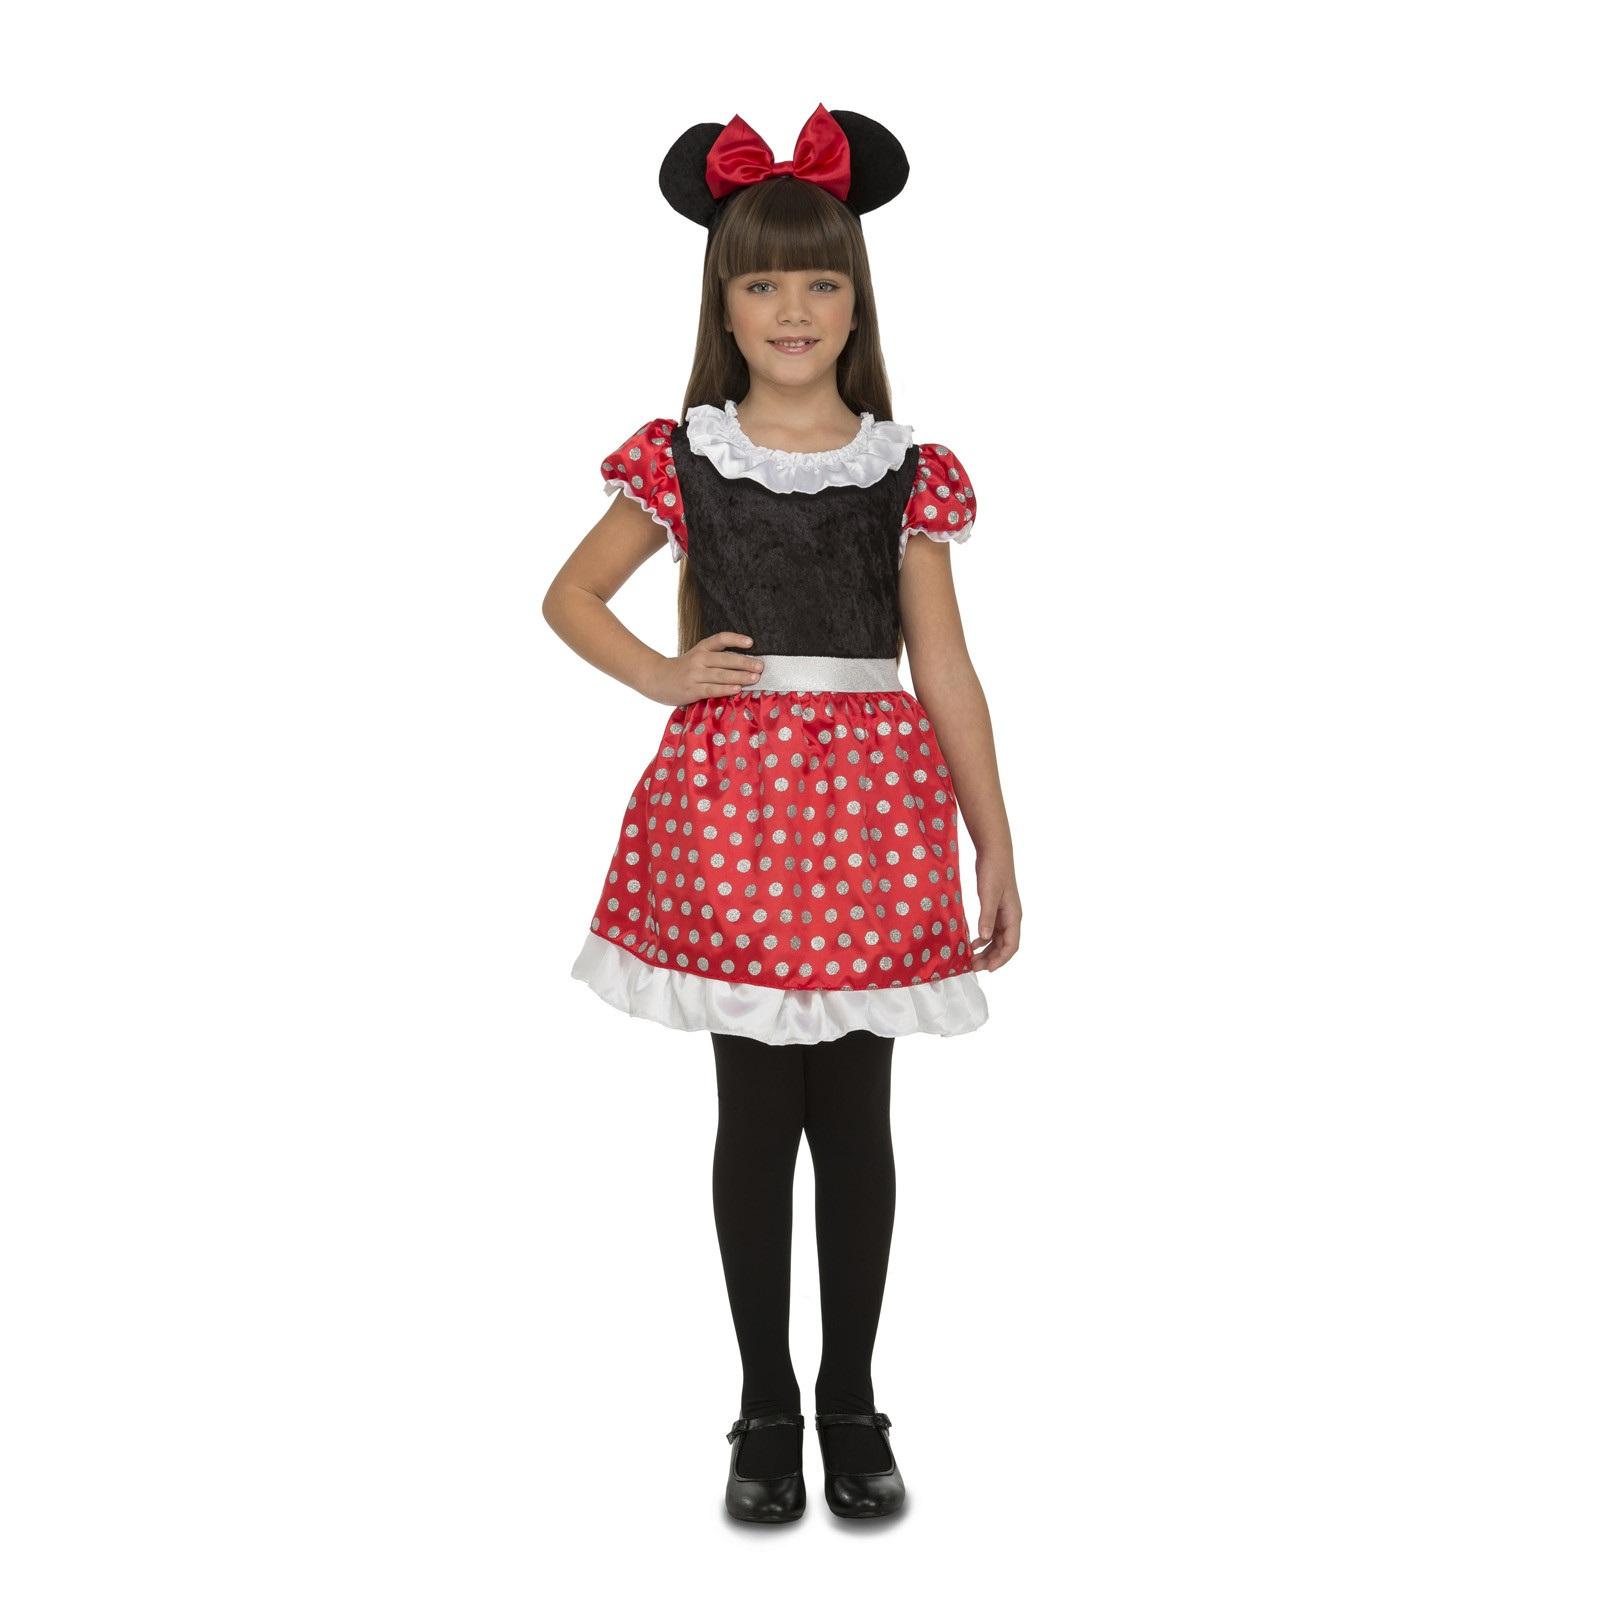 disfraz pequeña ratoncita niña 204119mom - DISFRAZ DE PEQUEÑA RATONCITA NIÑA